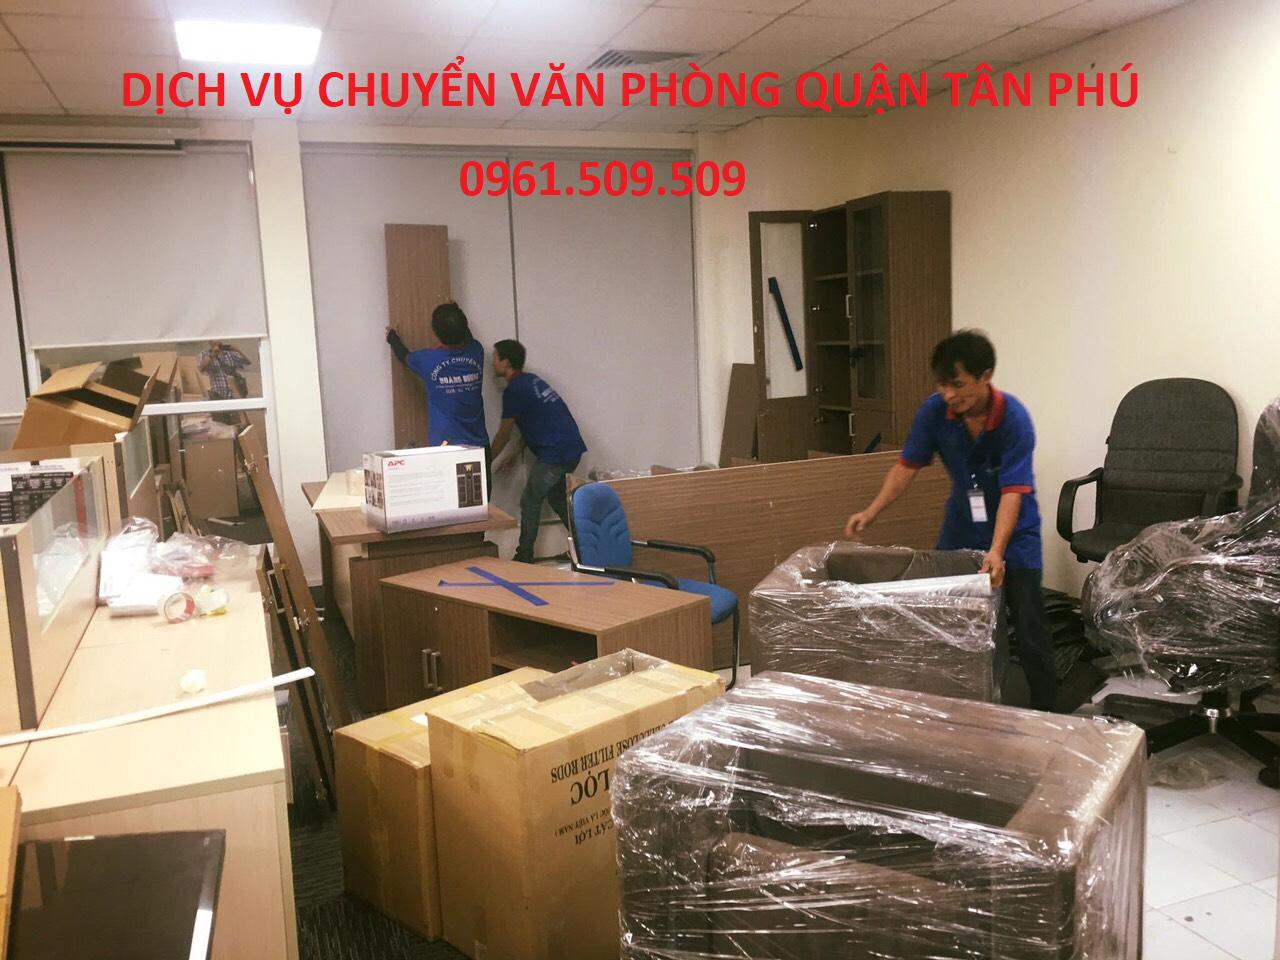 Dịch vụ chuyển văn phòng quận Tân Phú -